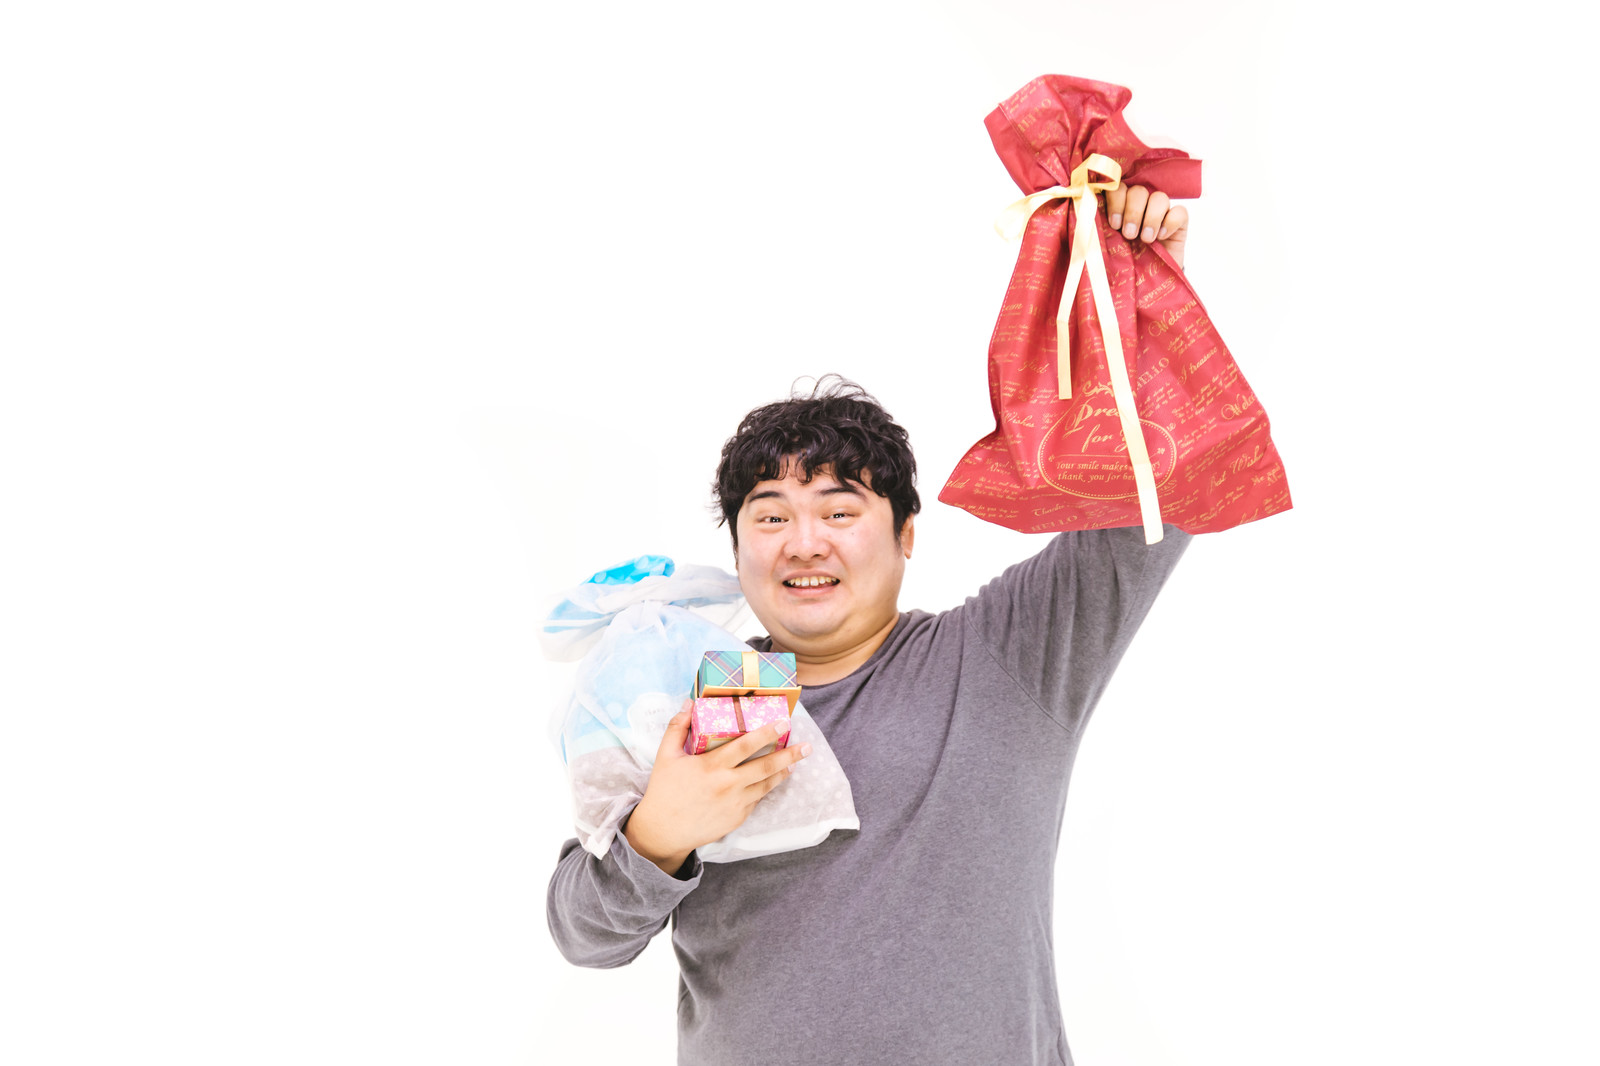 「これからプレゼント交換やりますー」の写真[モデル:段田隼人]